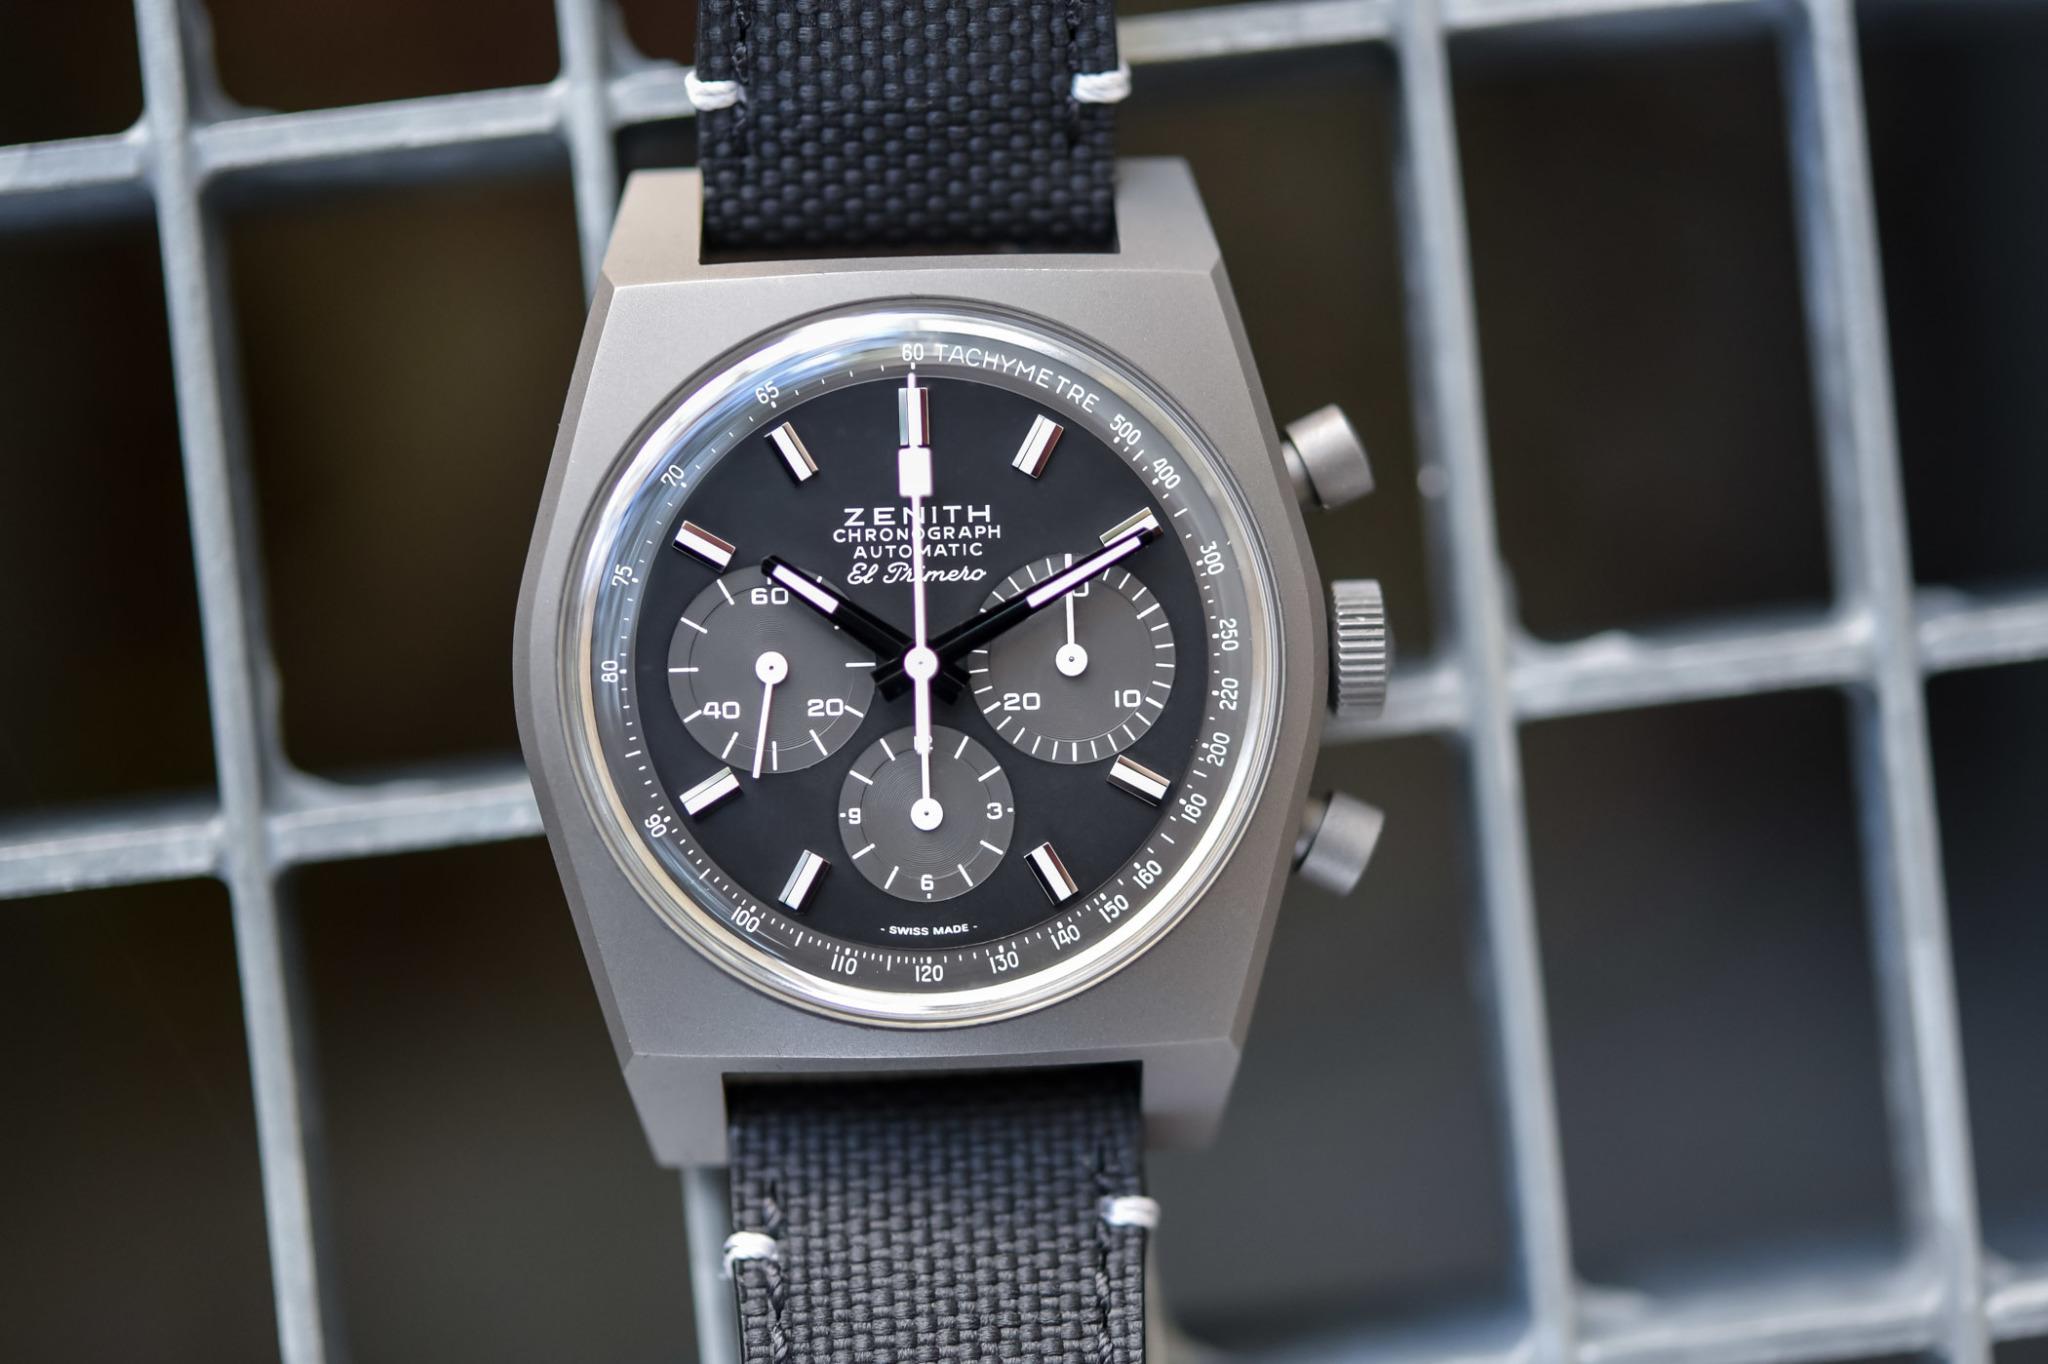 Điểm qua 10 mẫu đồng hồ Chronograph xuất sắc nhất ra mắt năm 2020